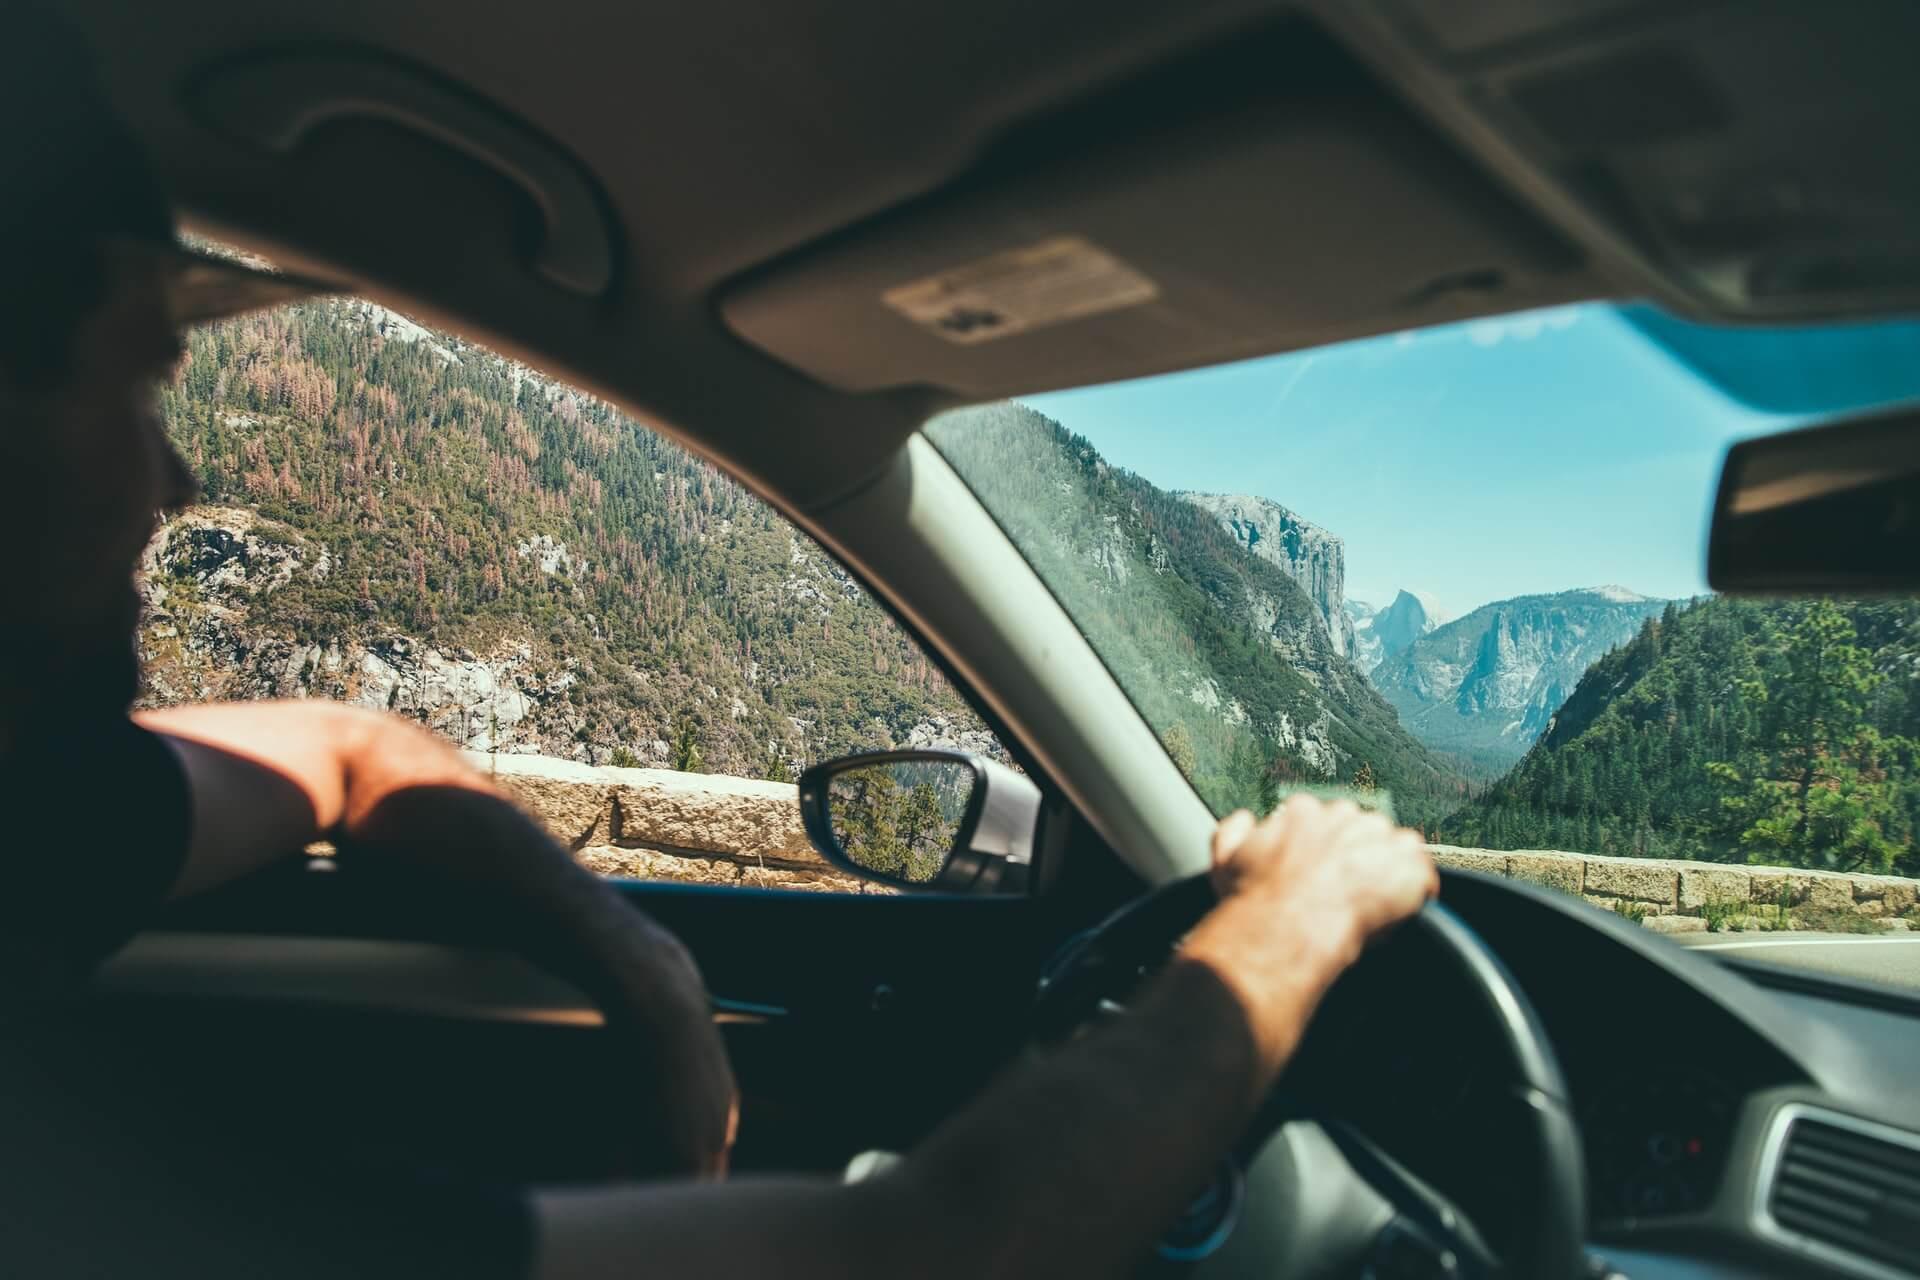 窓から見える景色と車のハンドルを握る手